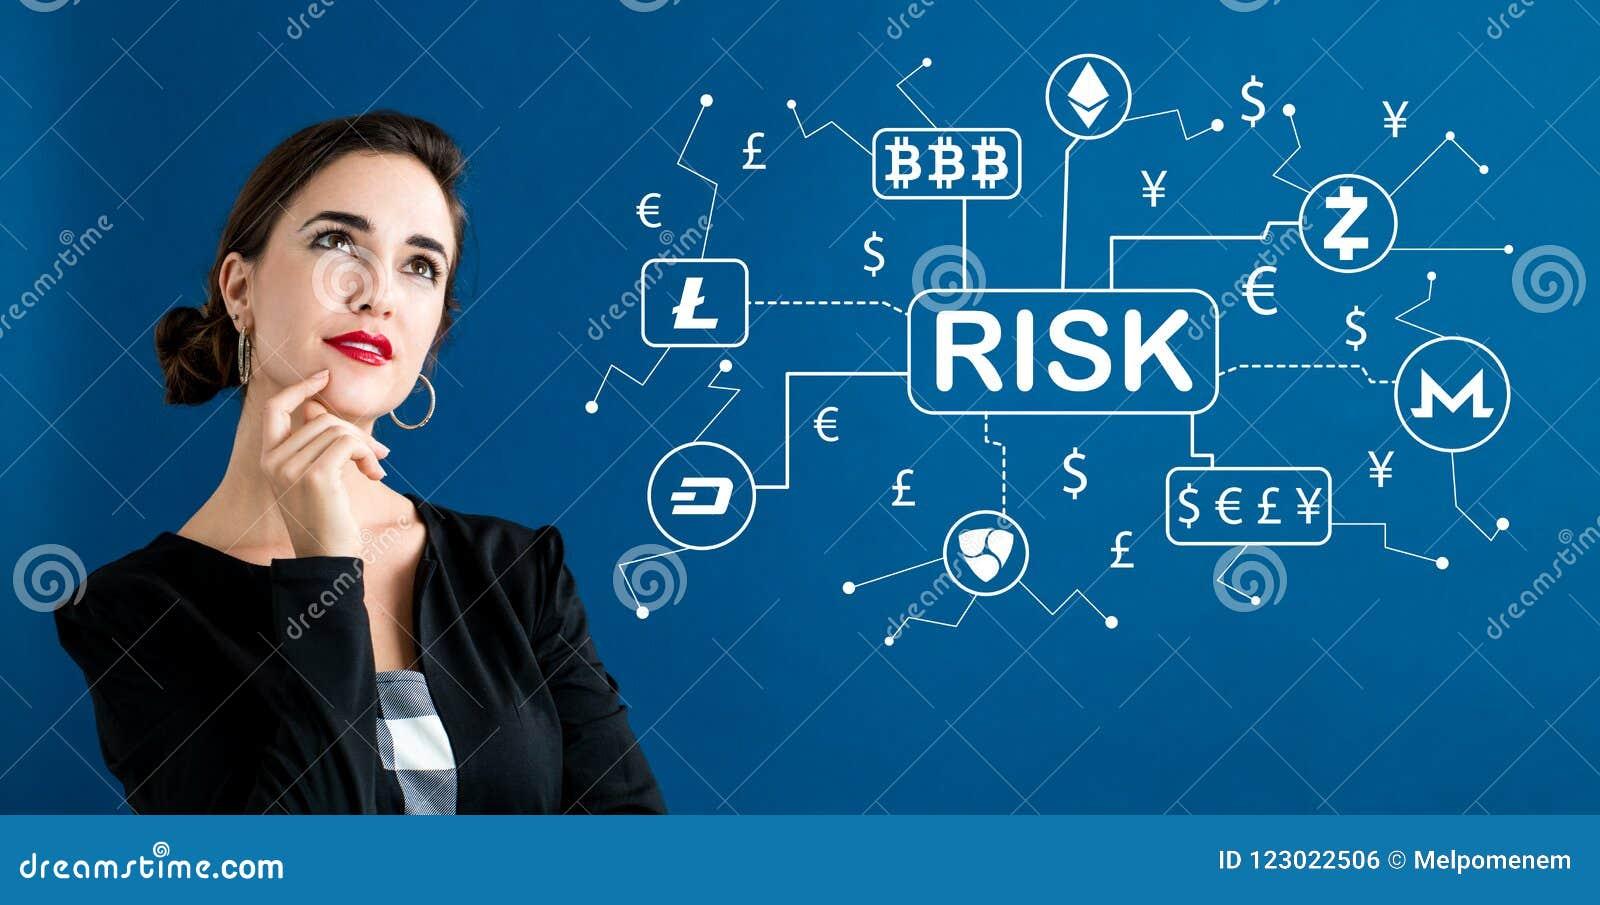 Тема риска Cryptocurrency с бизнес-леди